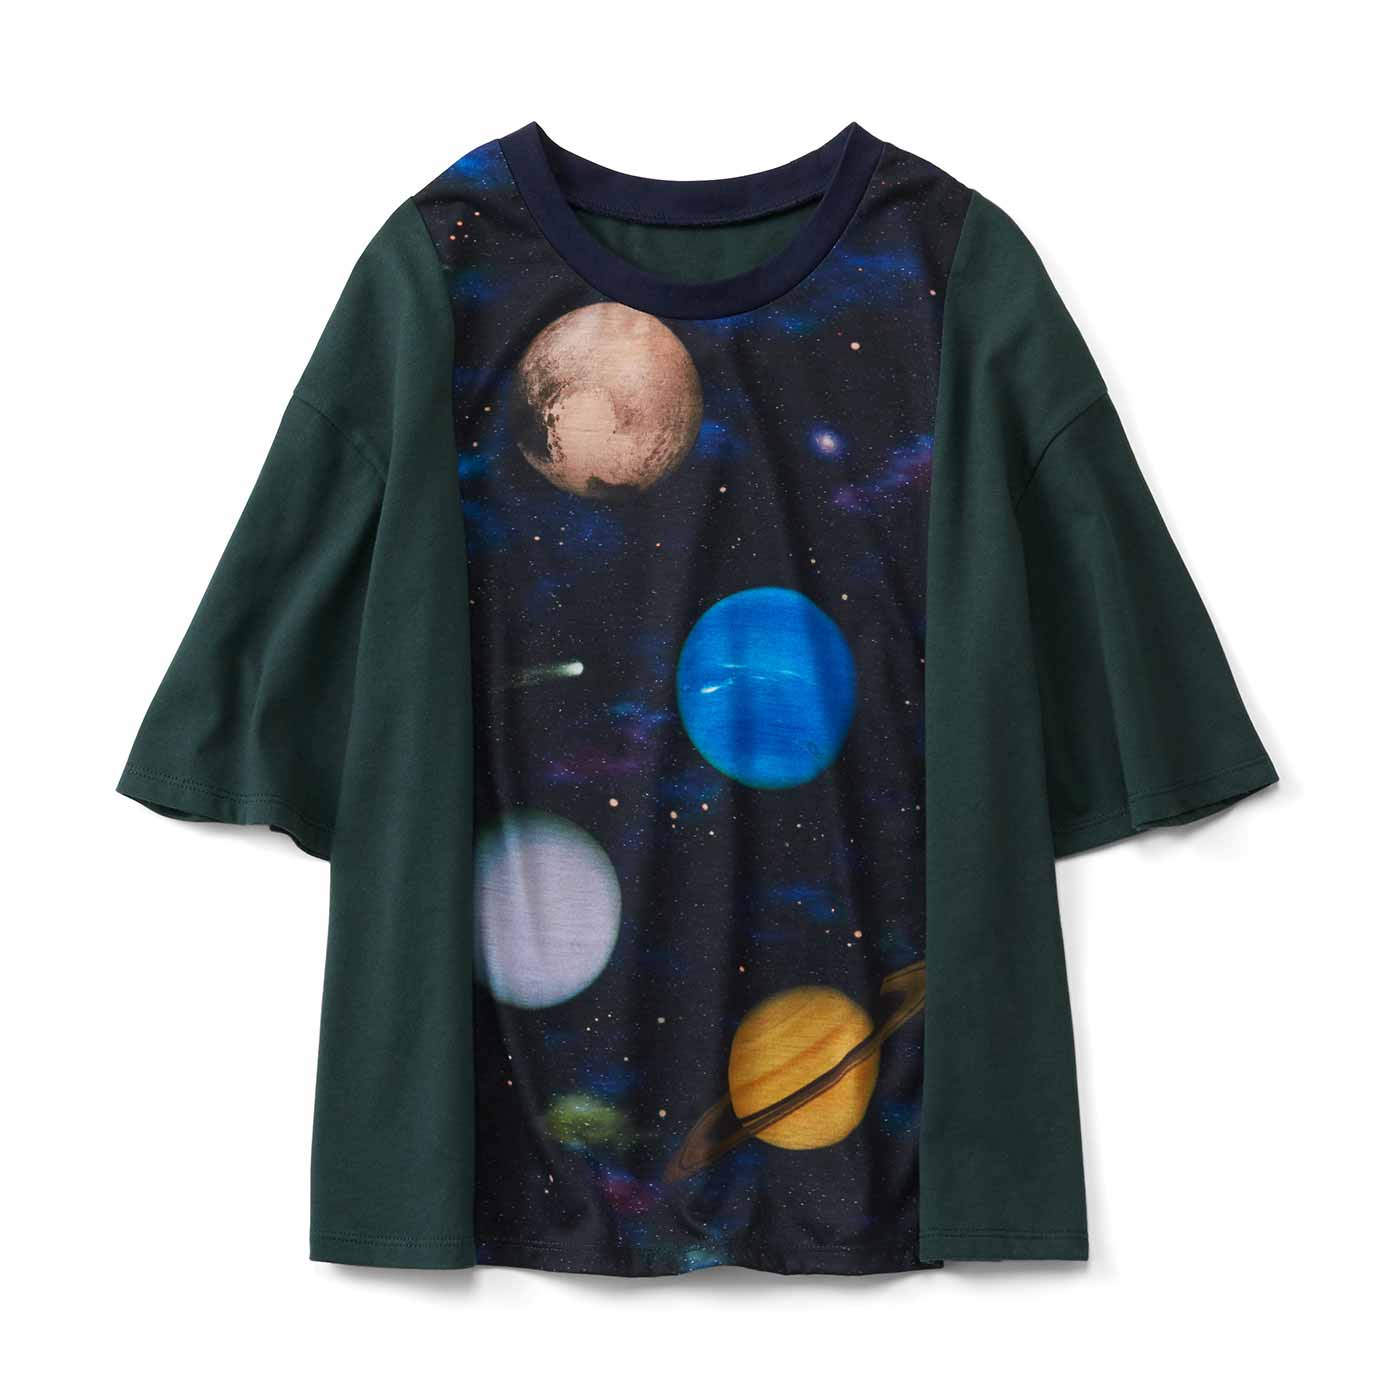 【3~10日でお届け】宇宙プリントのリメイク風Tシャツ